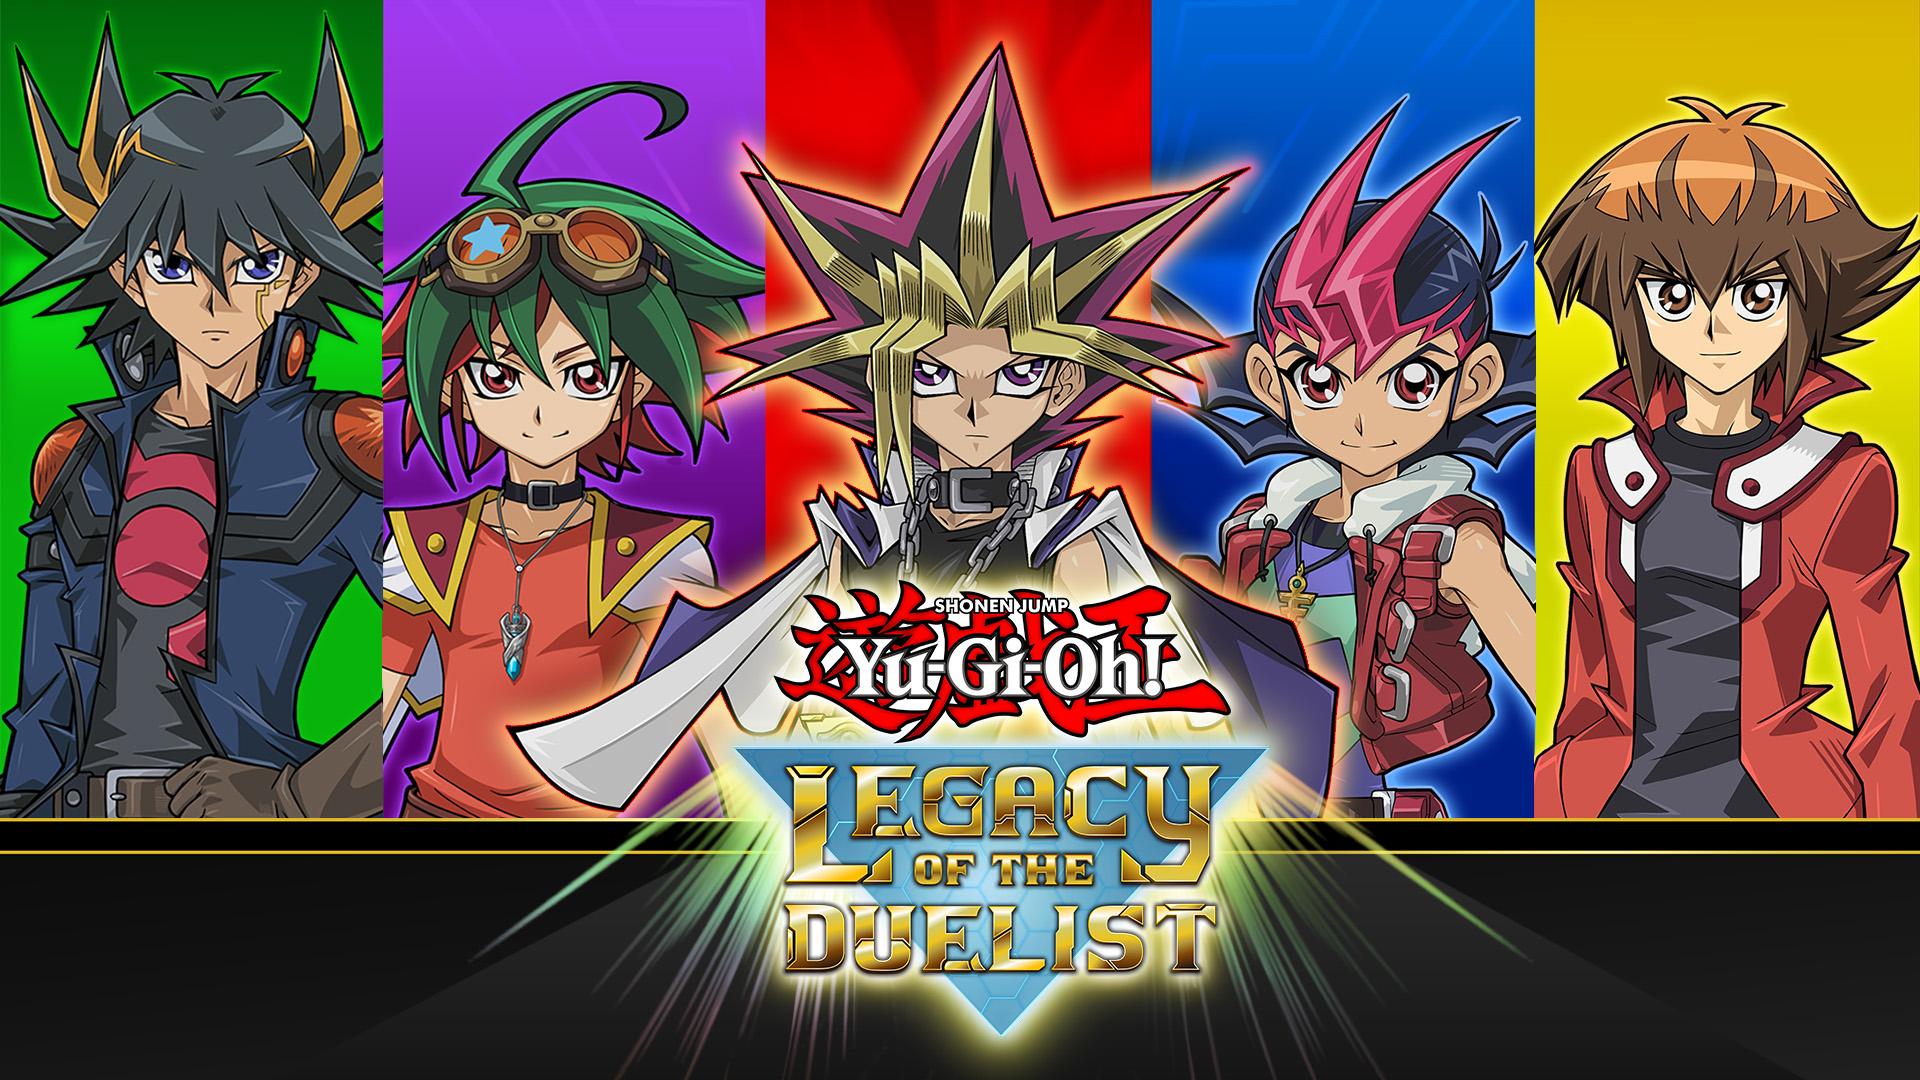 yugioh__legacy_of_the_duelist-3108041.jpg